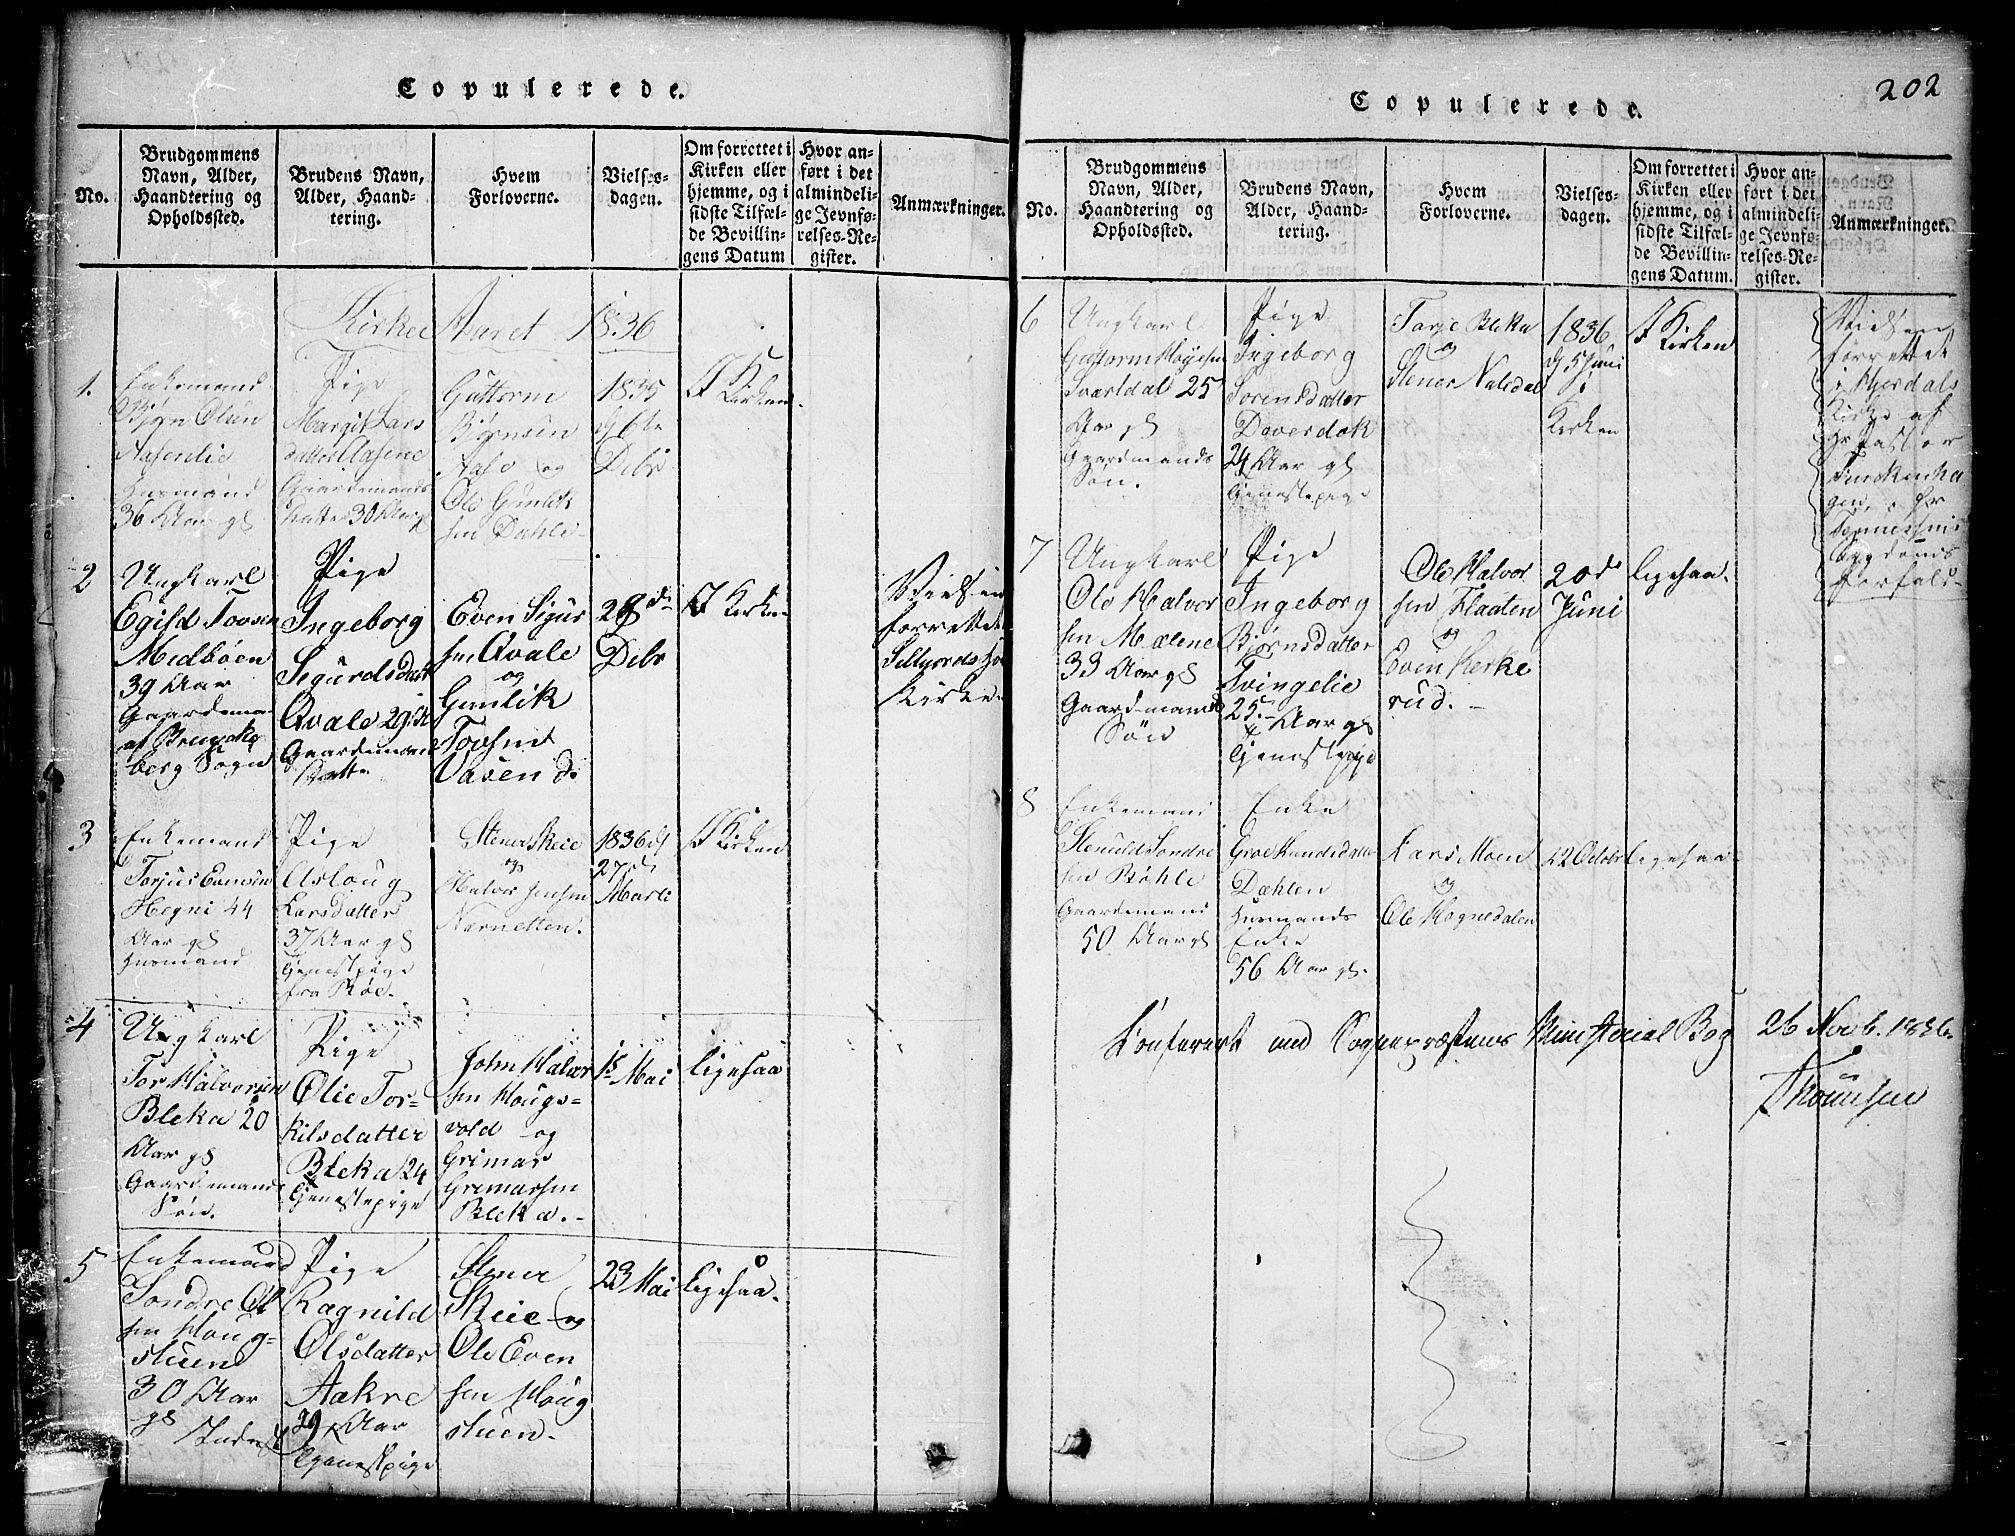 SAKO, Seljord kirkebøker, G/Gb/L0002: Klokkerbok nr. II 2, 1815-1854, s. 202